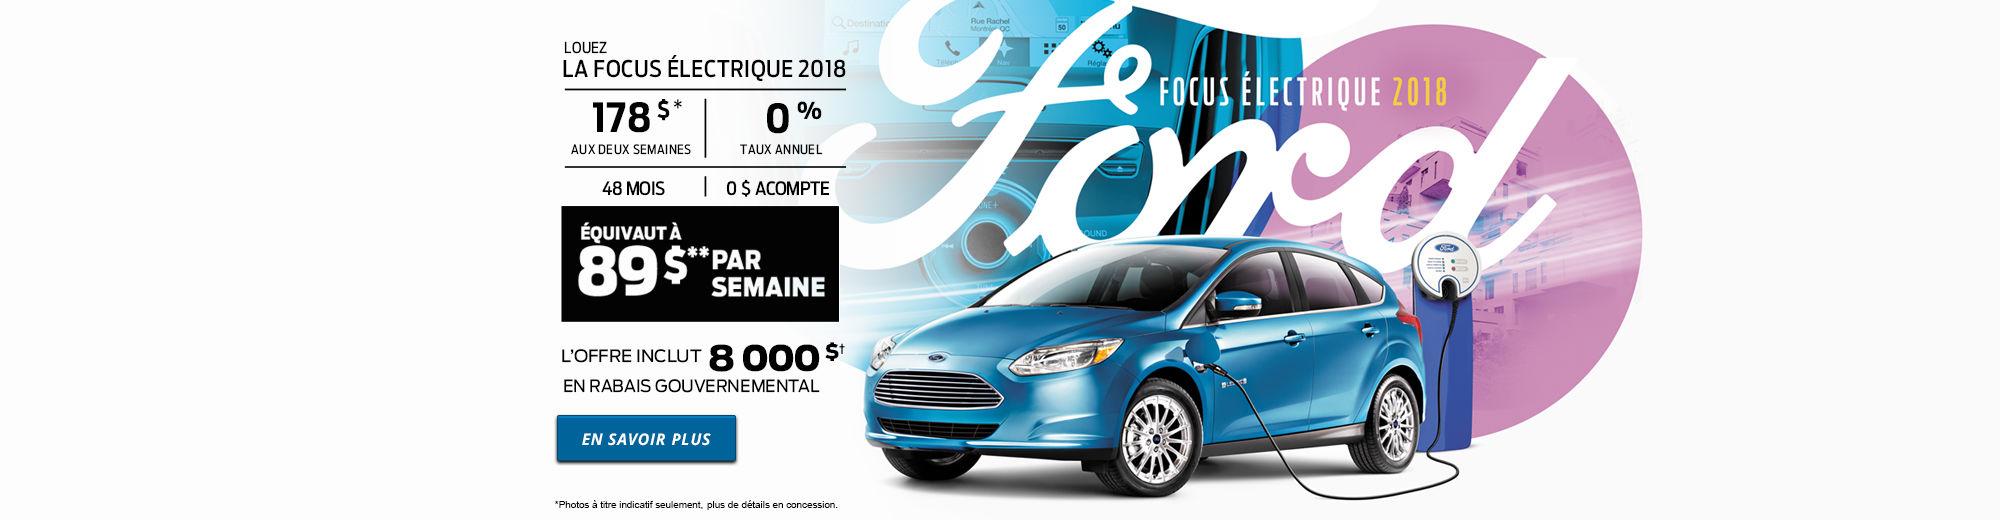 Focus Électrique 2018